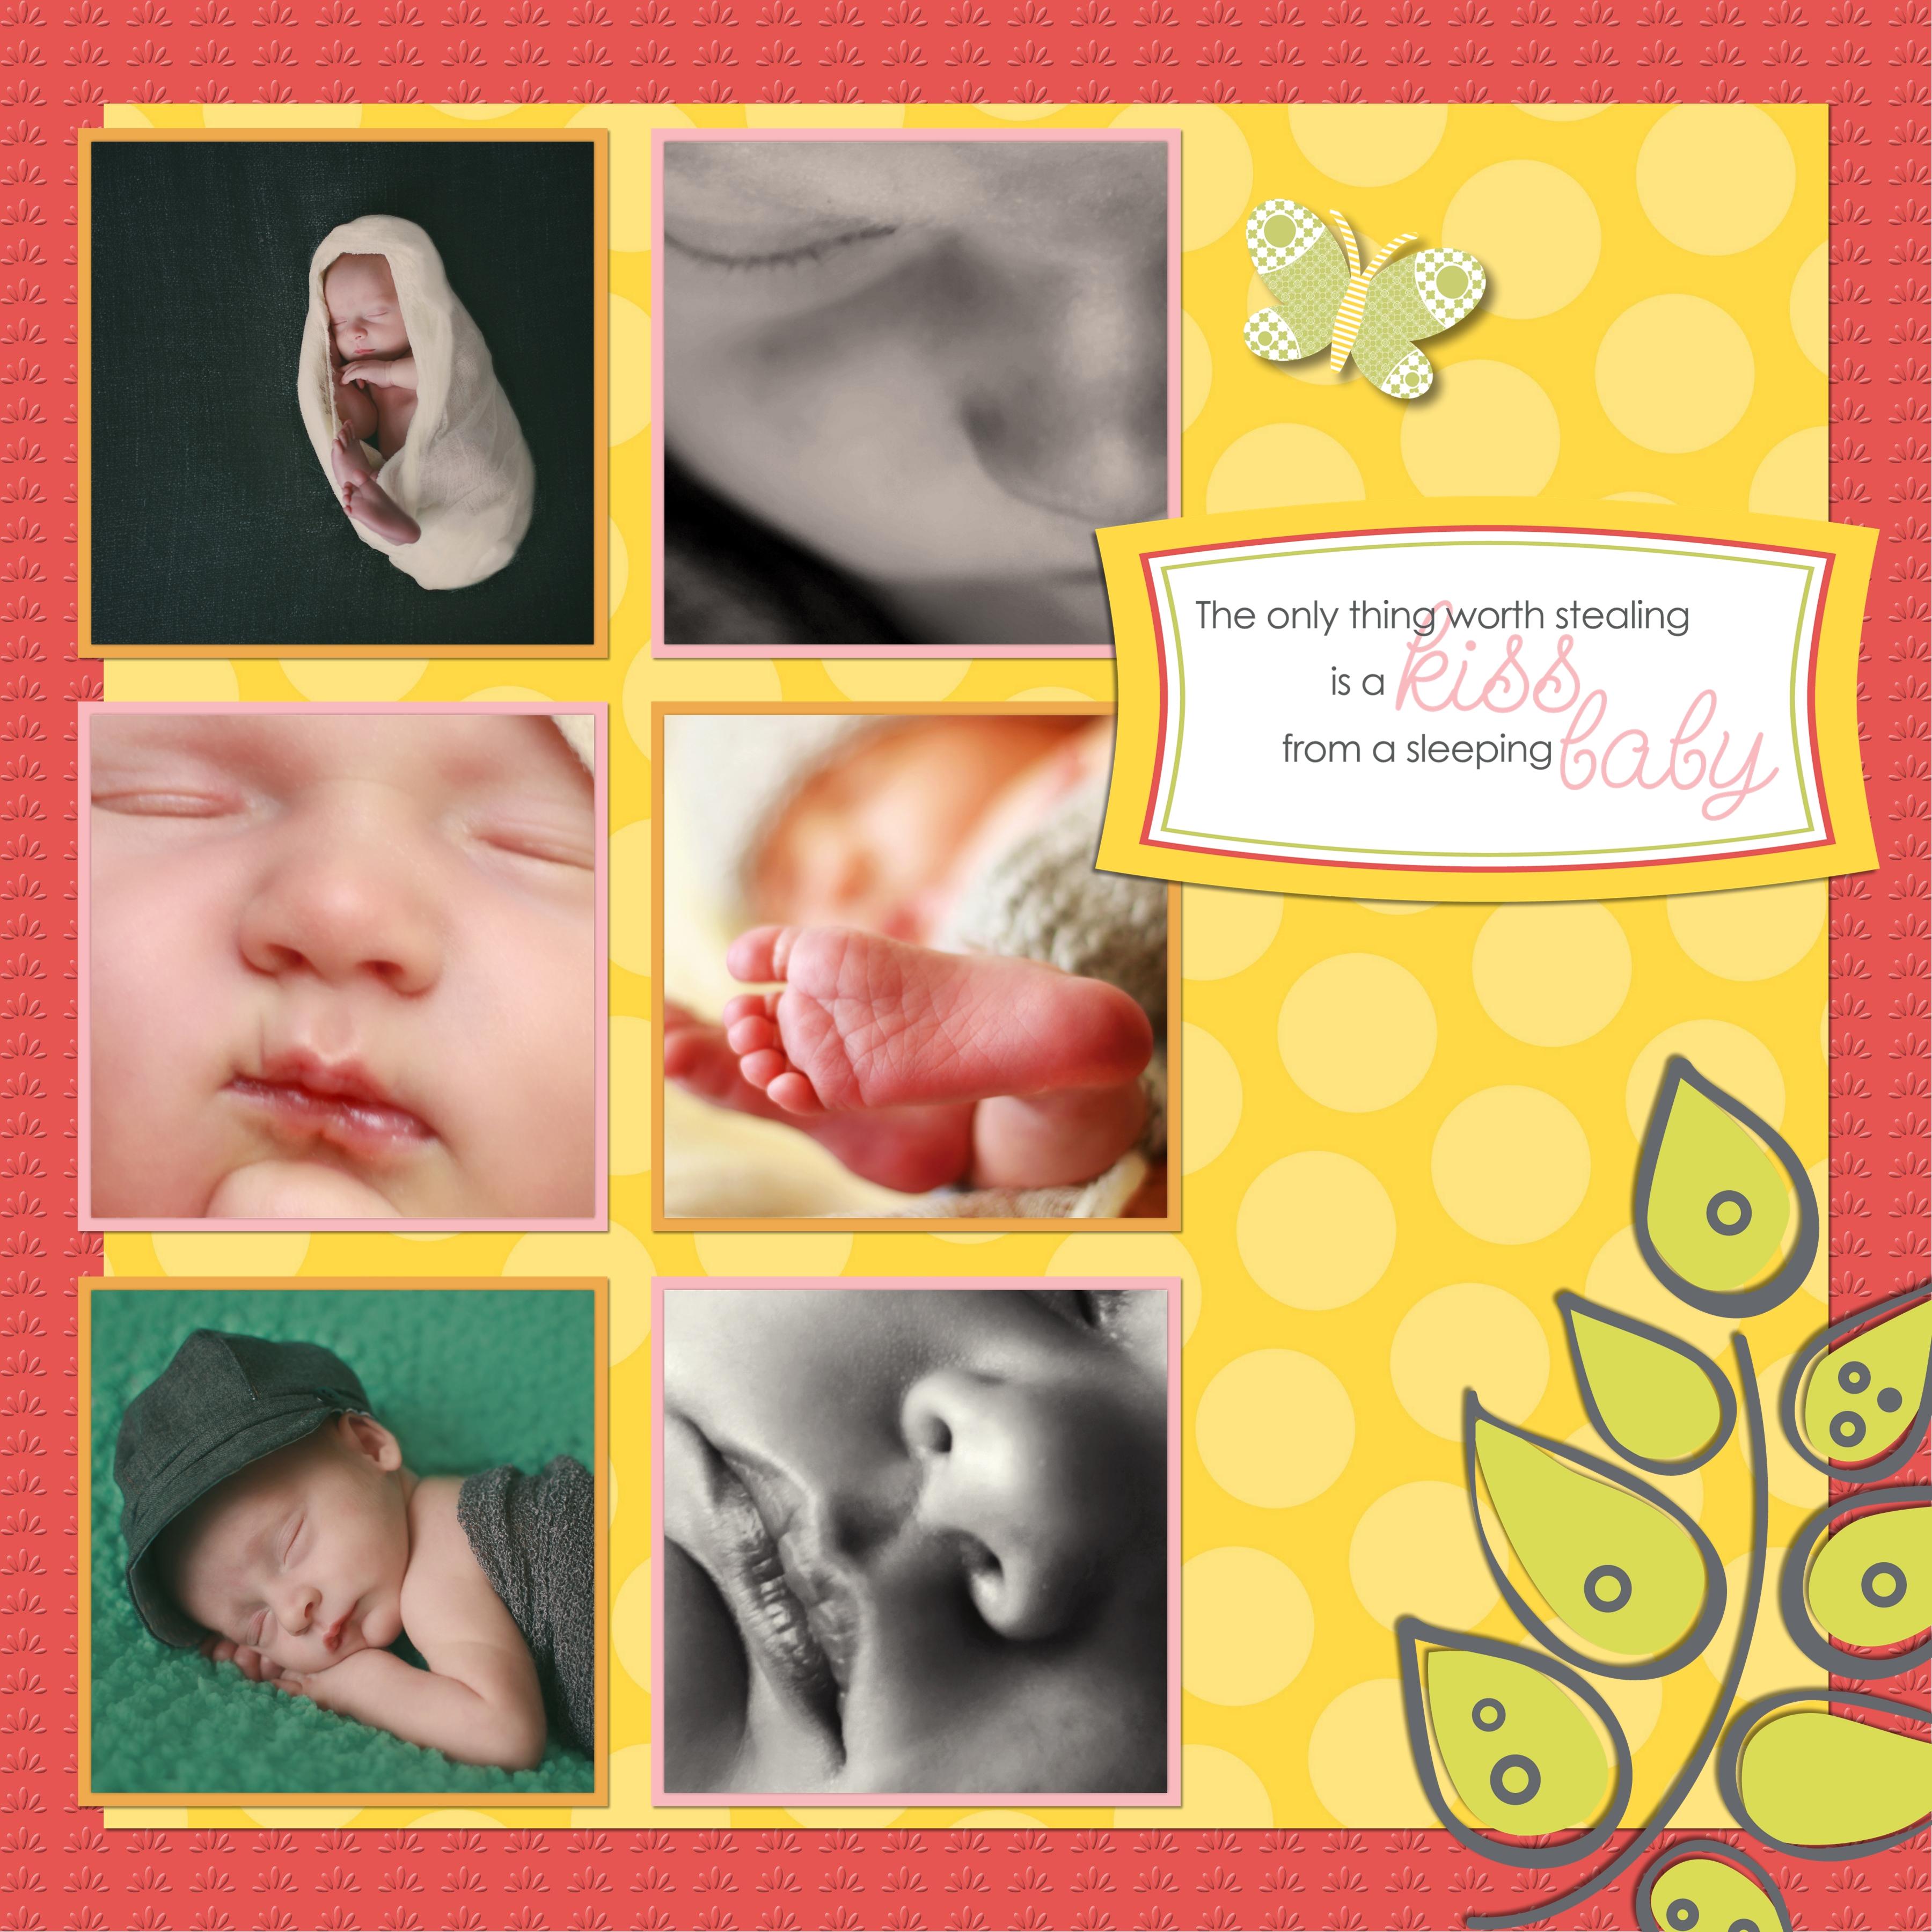 BabyGirl - Page 002.jpg